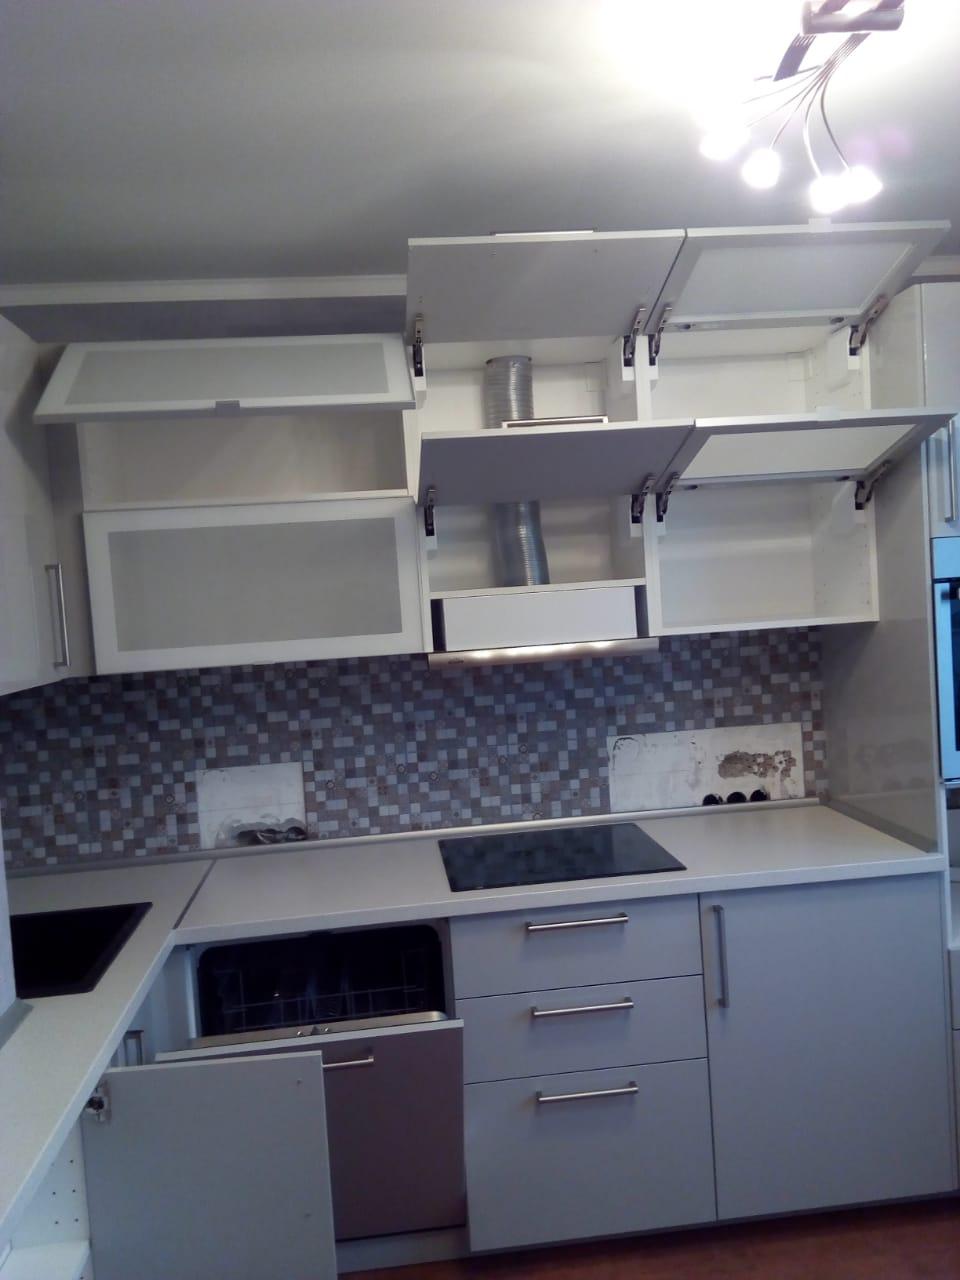 сборка мебели и кухни икеа москва и мо недорого с гарантией заказ